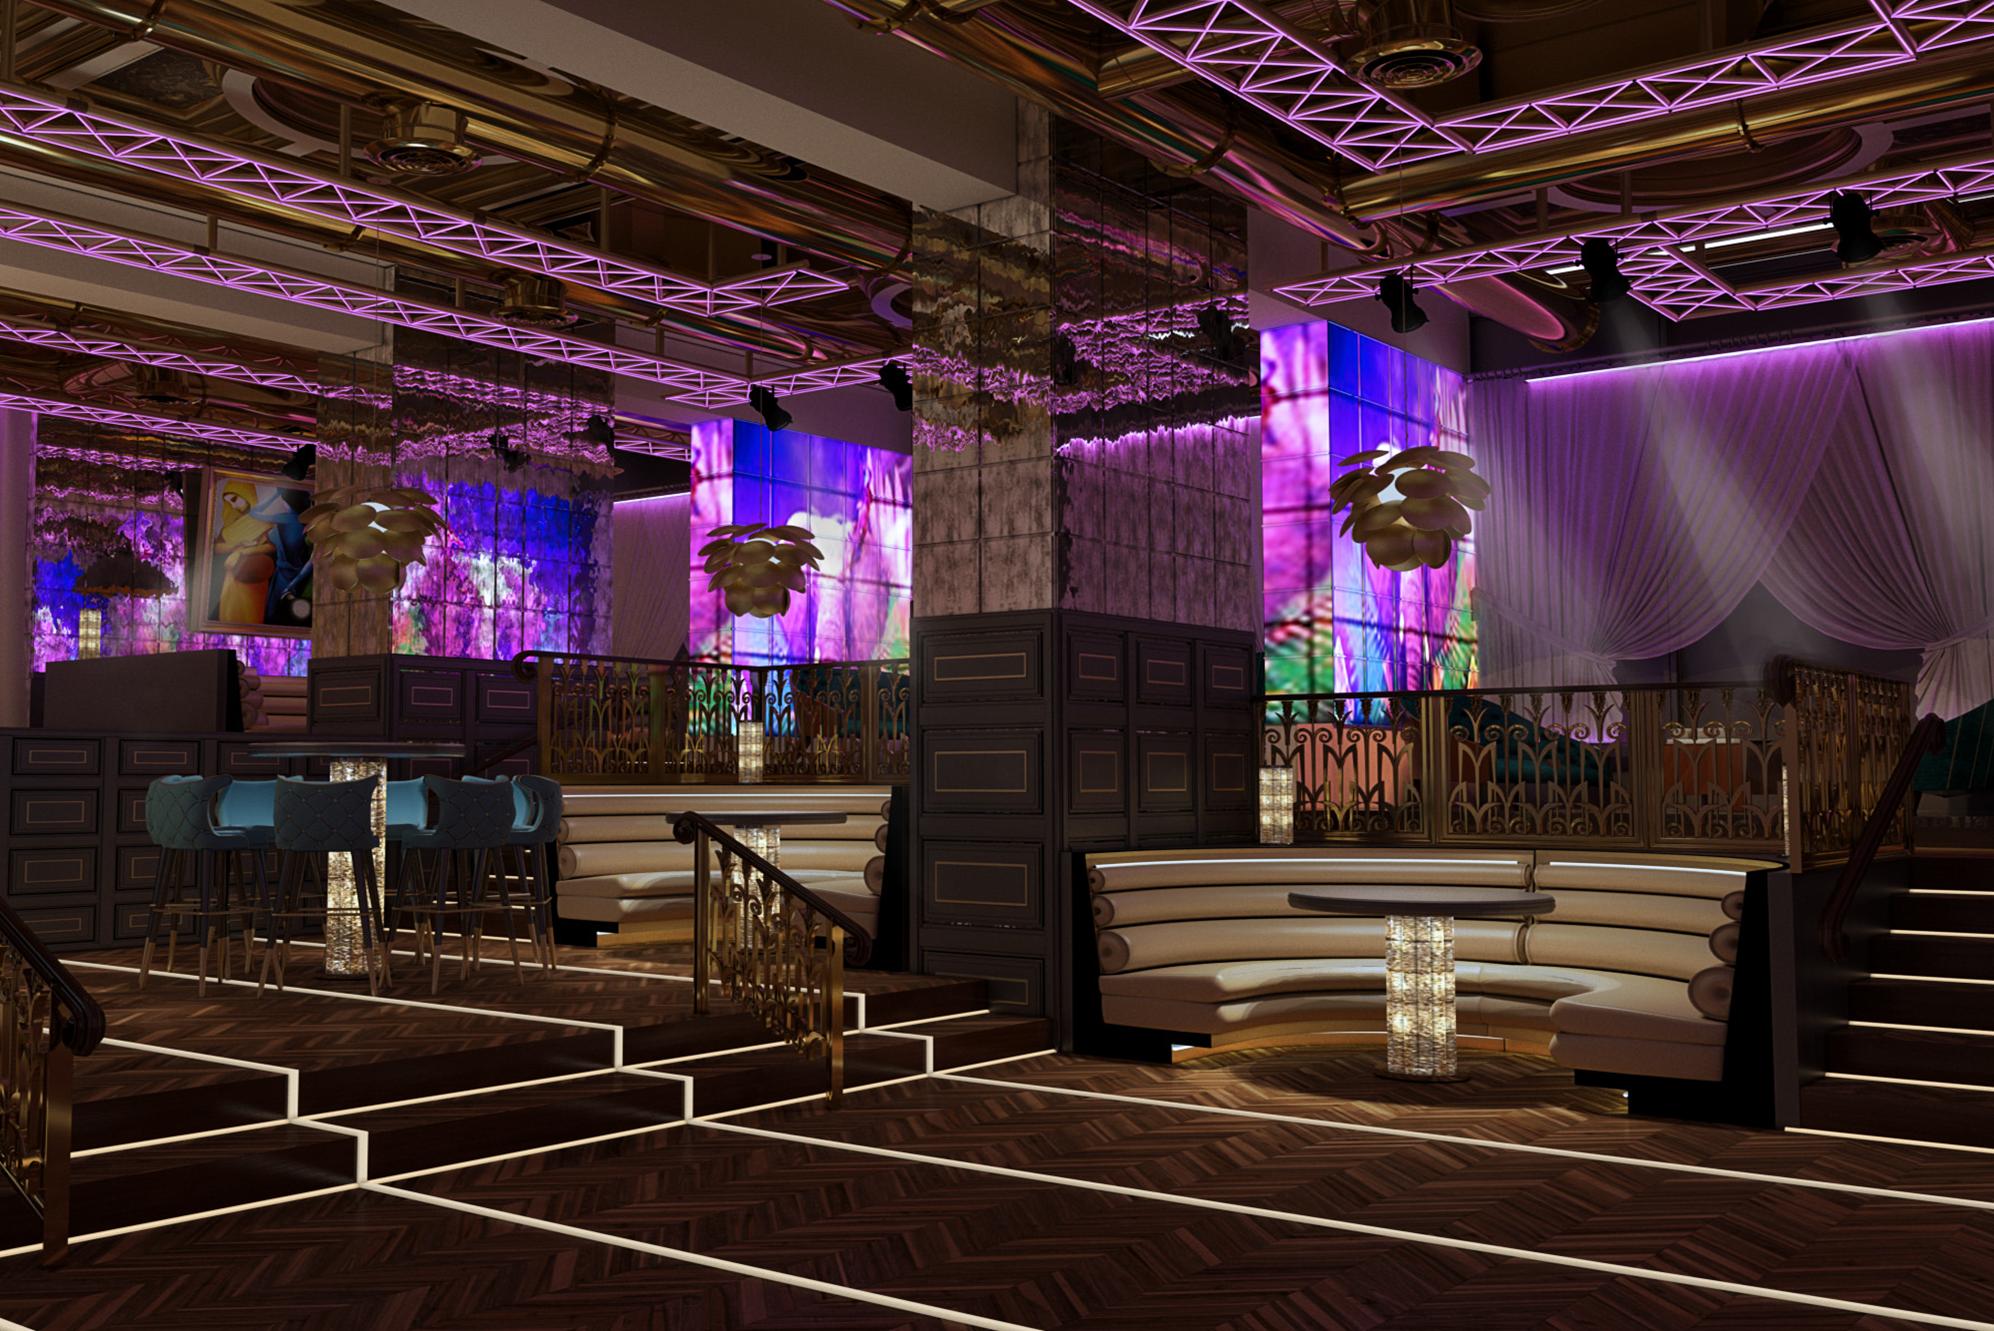 Nippon Rd Studios Nightclub, Mumbai, India